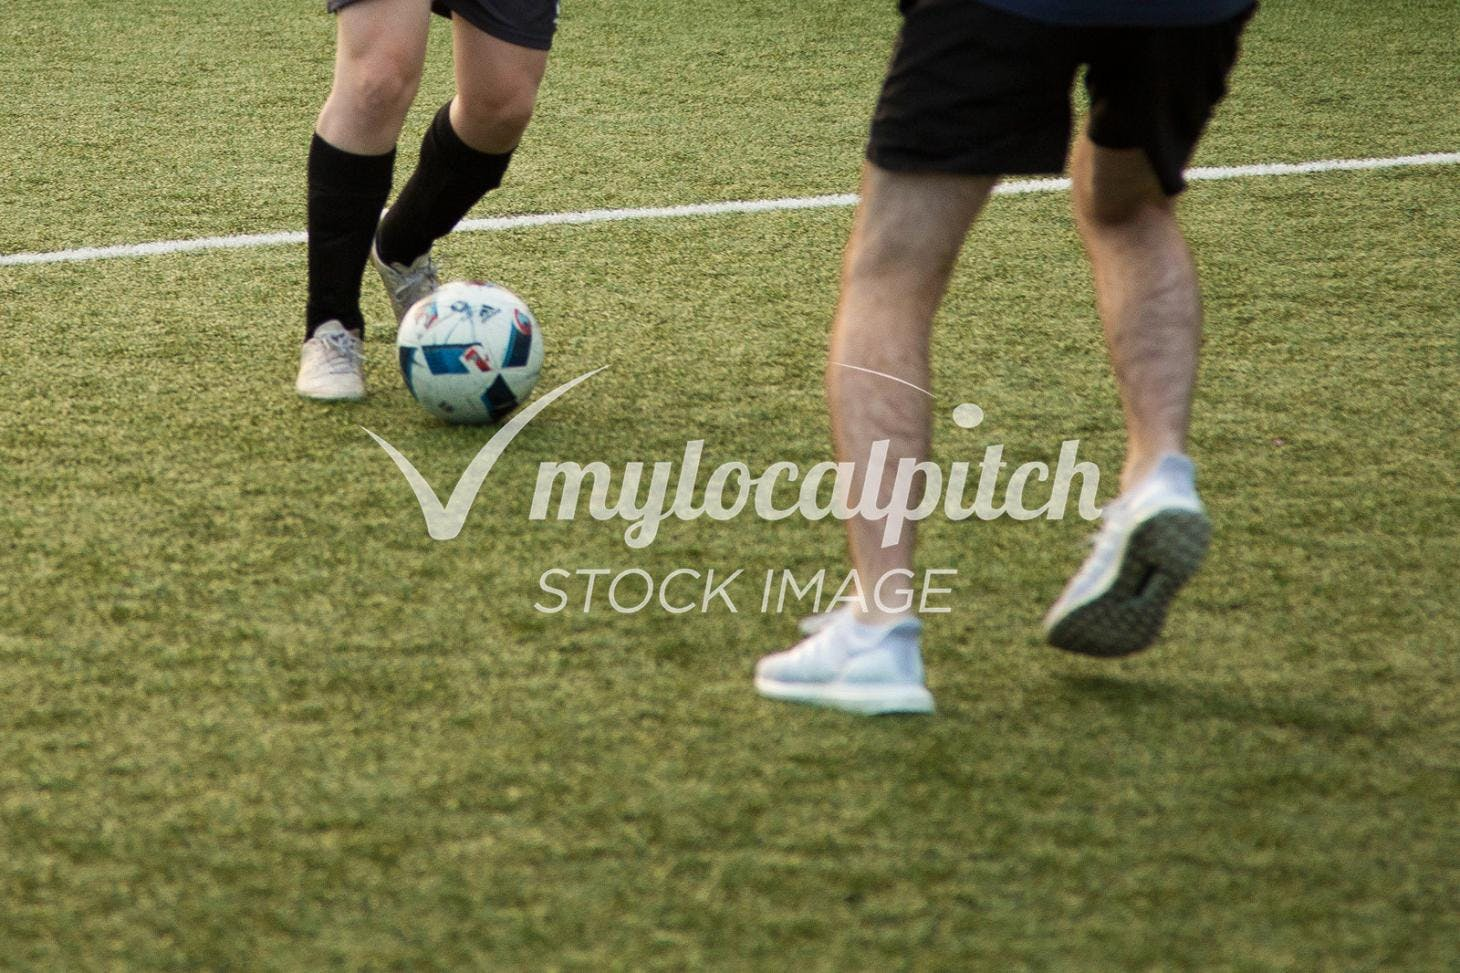 Croydon Gas Sports Club 11 a side | Grass football pitch